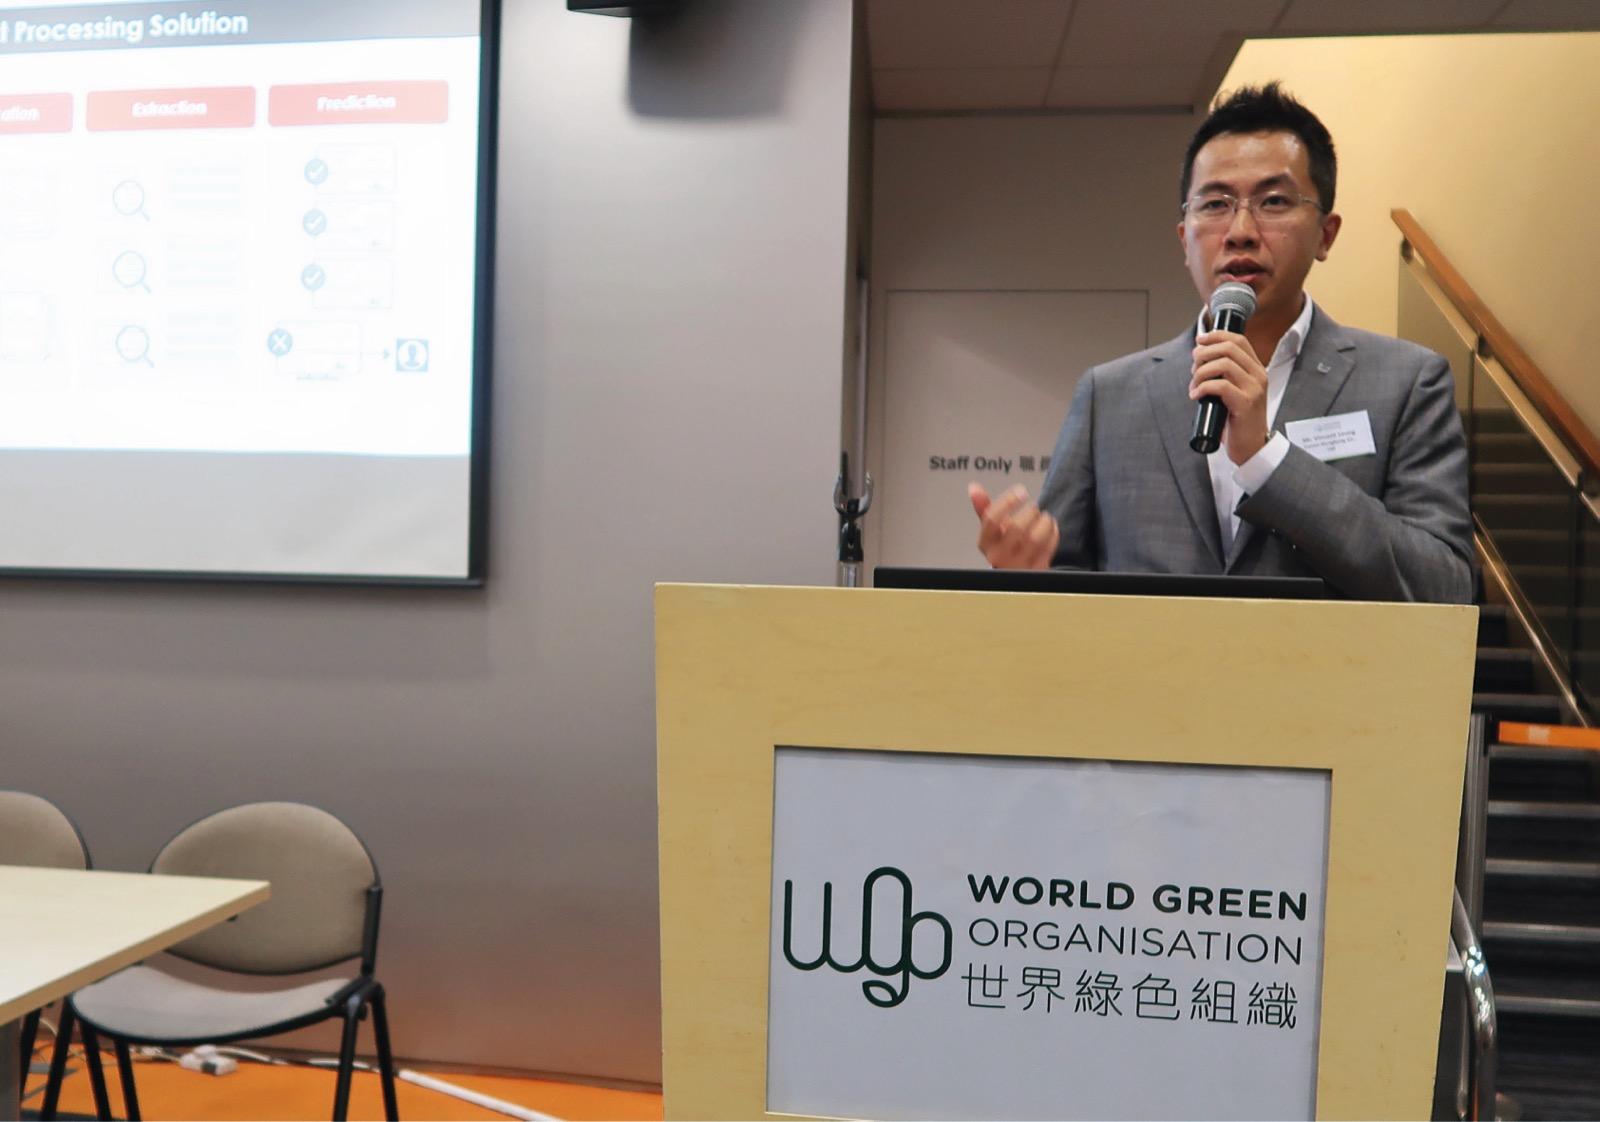 中小企管理工作坊 - 「綠色工作間以節省資源」